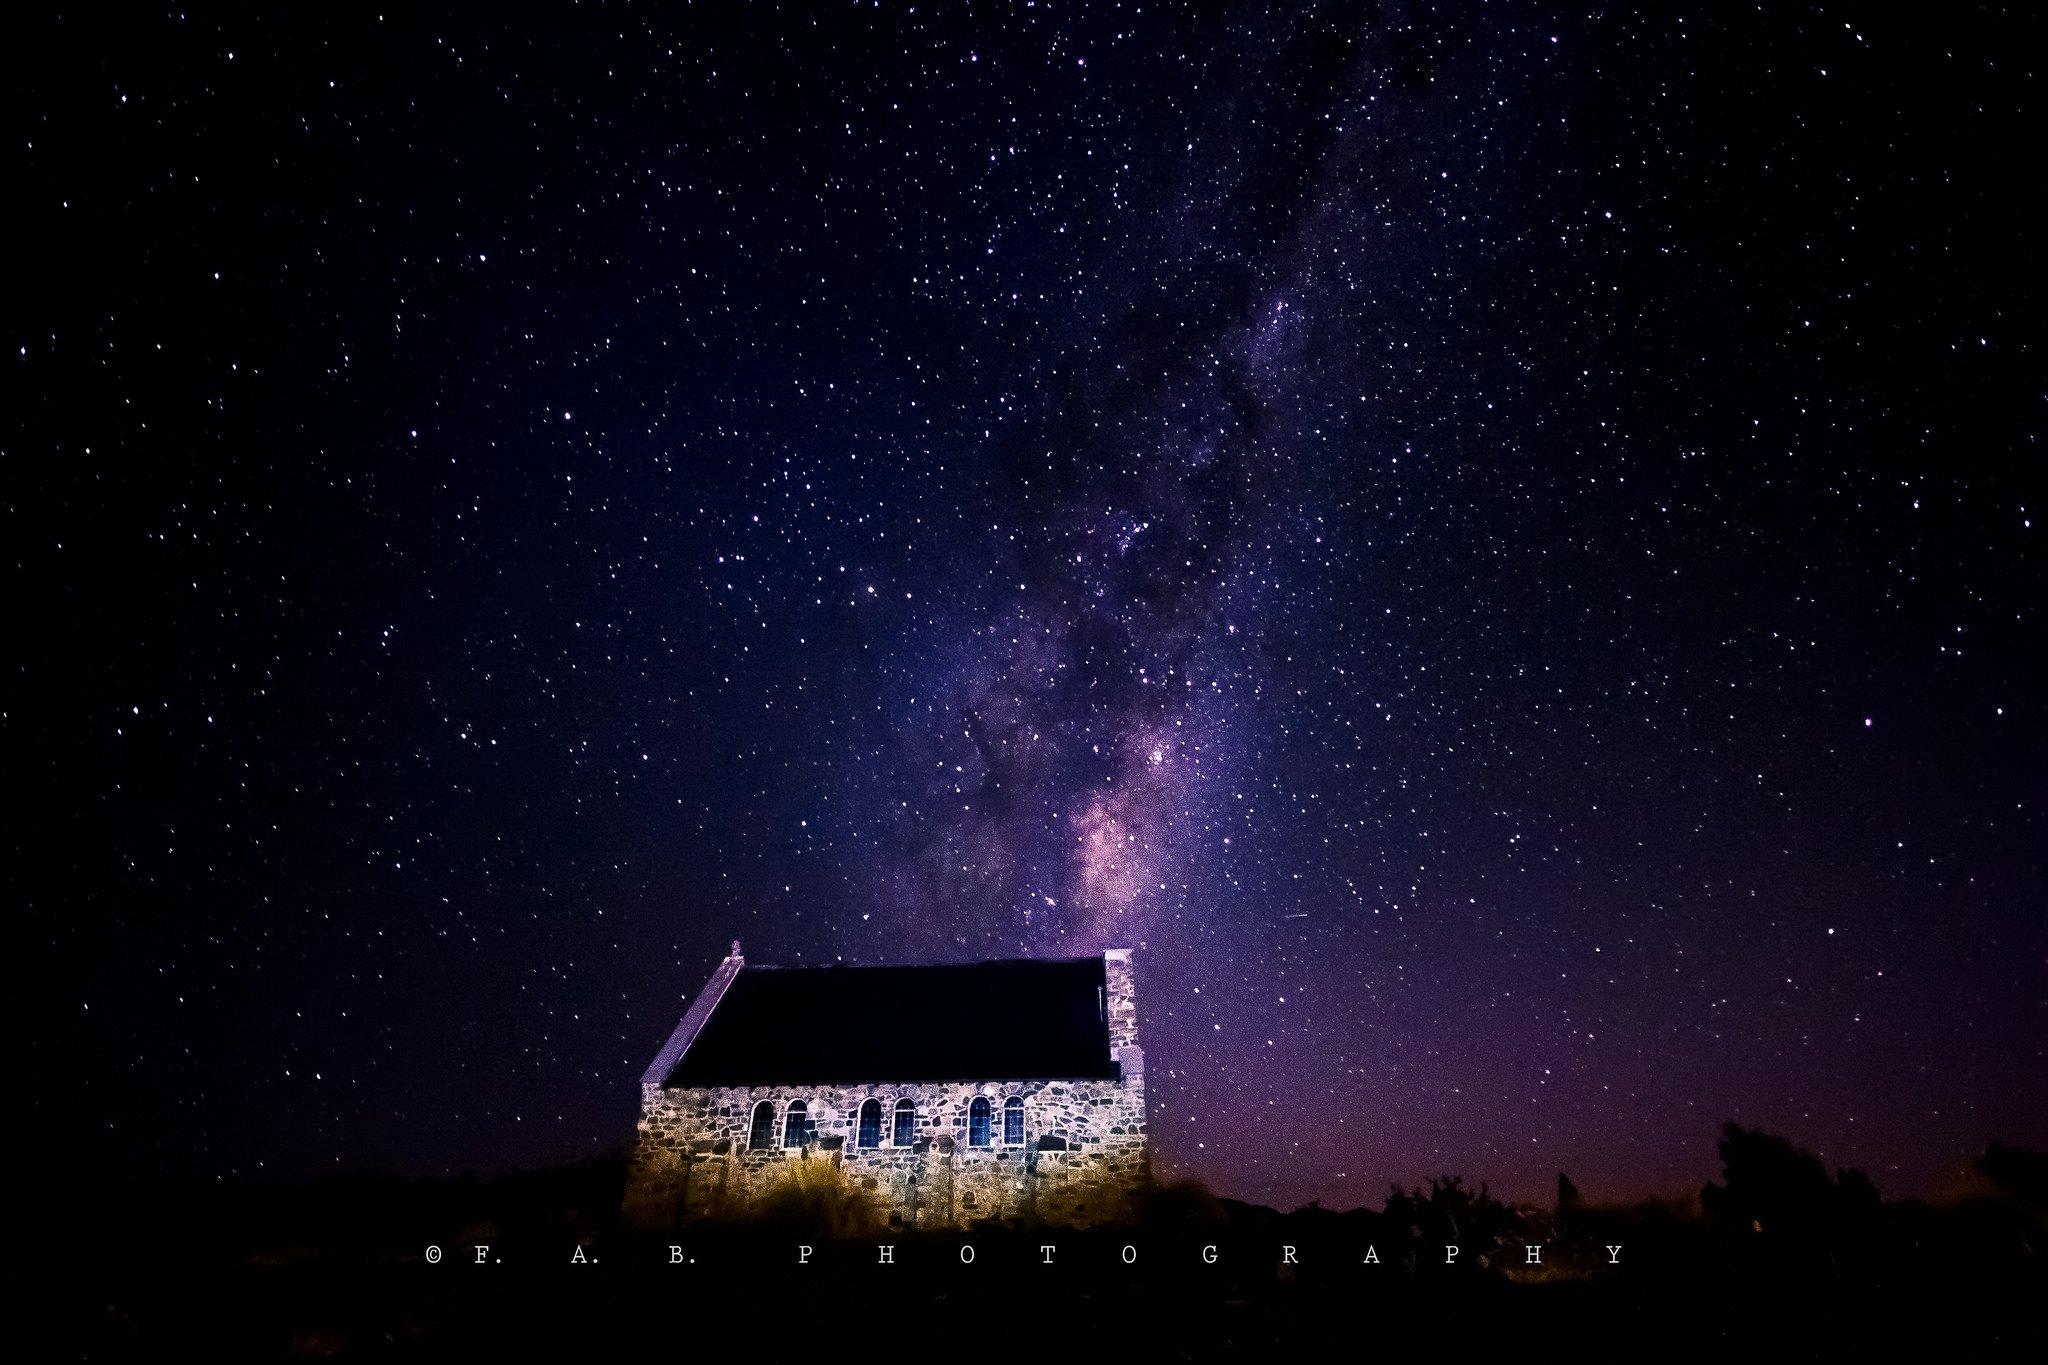 вспомнить спецтранспорте необычные фото звездного неба пользователь